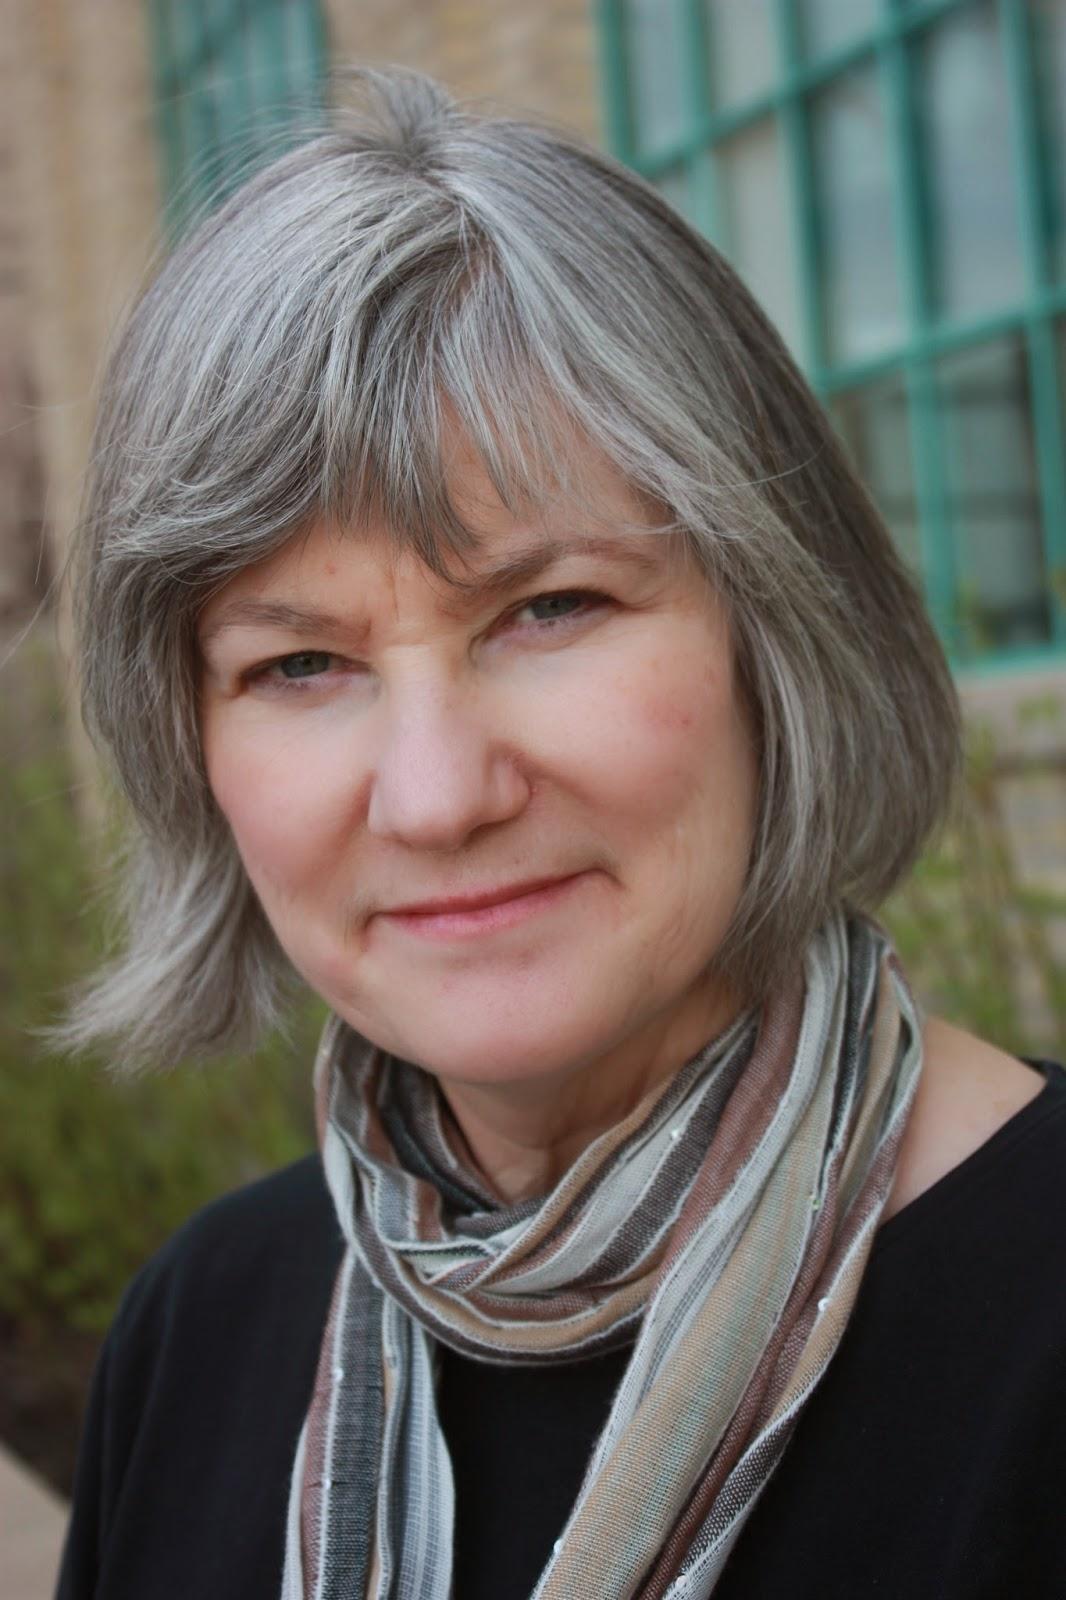 Career Services Advisor Denise Pranke